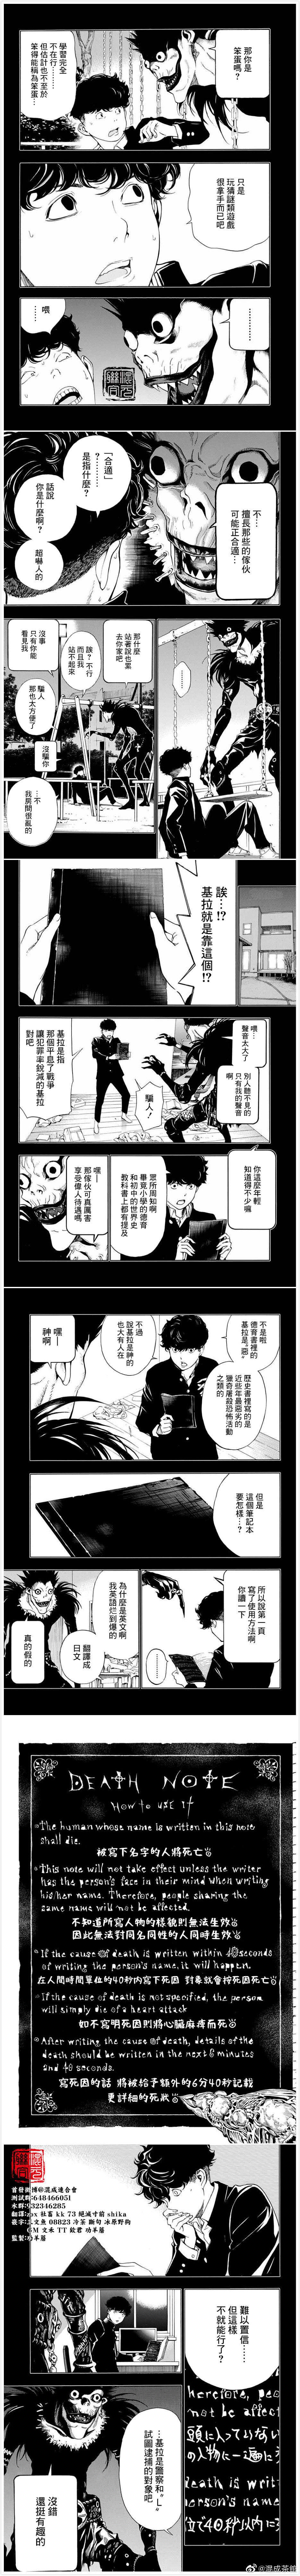 大场鸫x小畑健「DEATH NOTE」全新短篇 DEATH NOTE ACG资讯 第5张